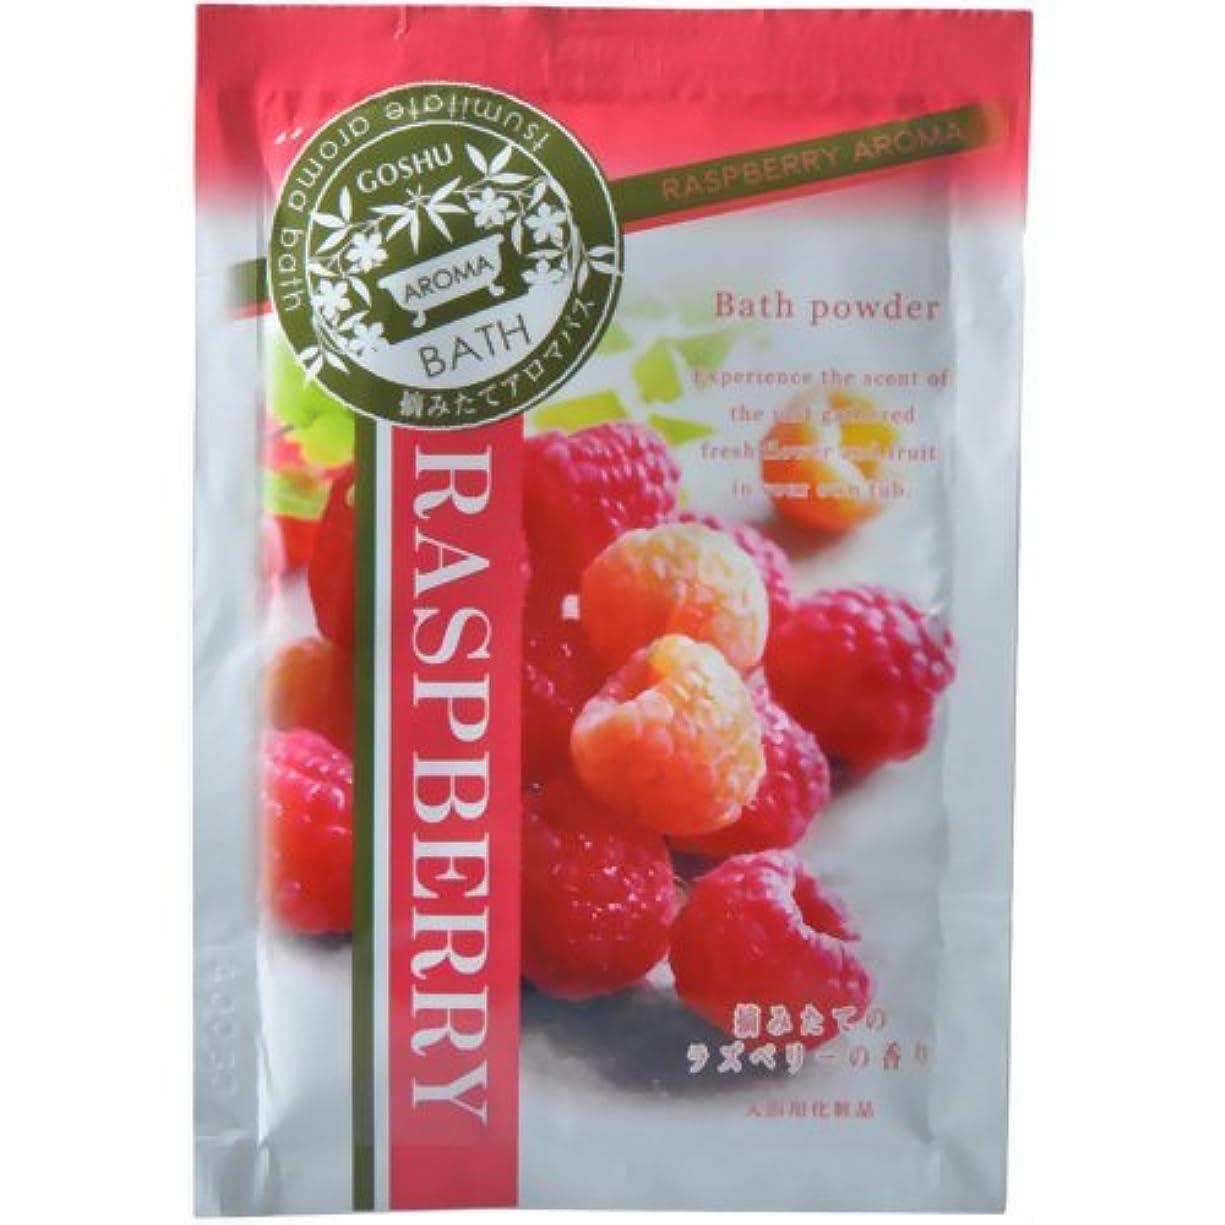 役に立つ社説気をつけて摘みたてアロマバス 摘みたてラズベリーの香り 25g(入浴剤)